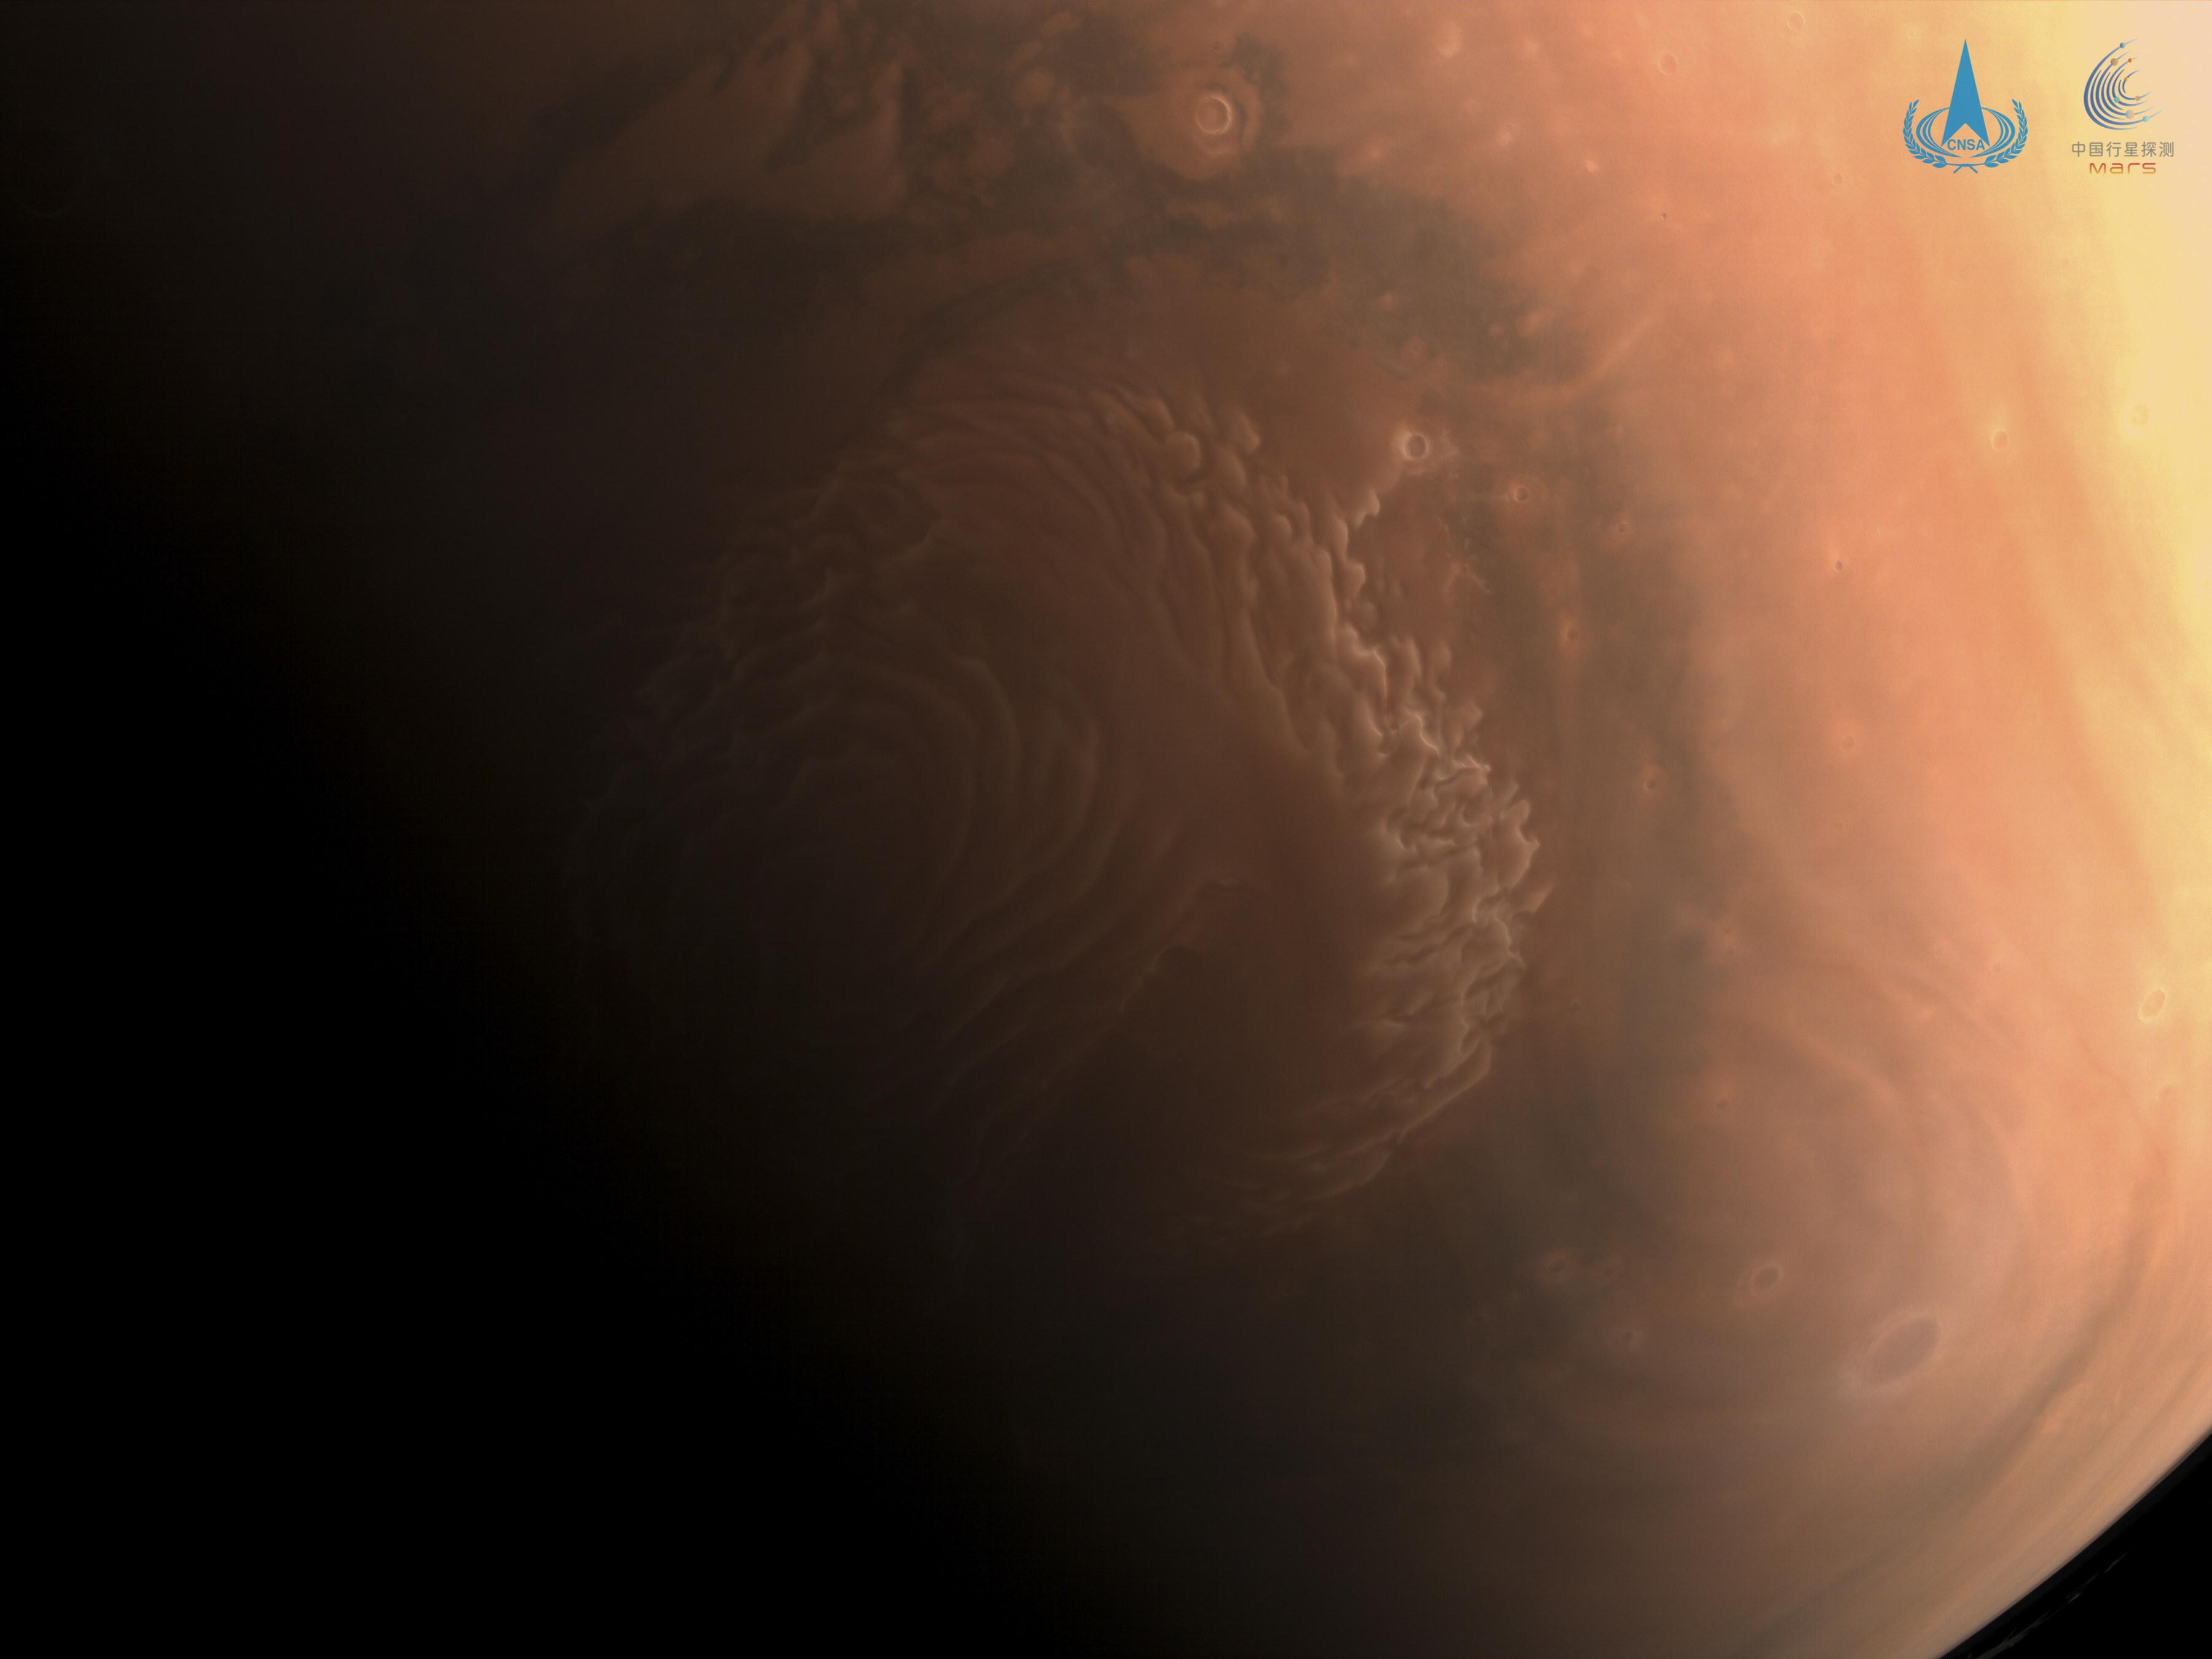 天问一号拍的高清火星照来了!